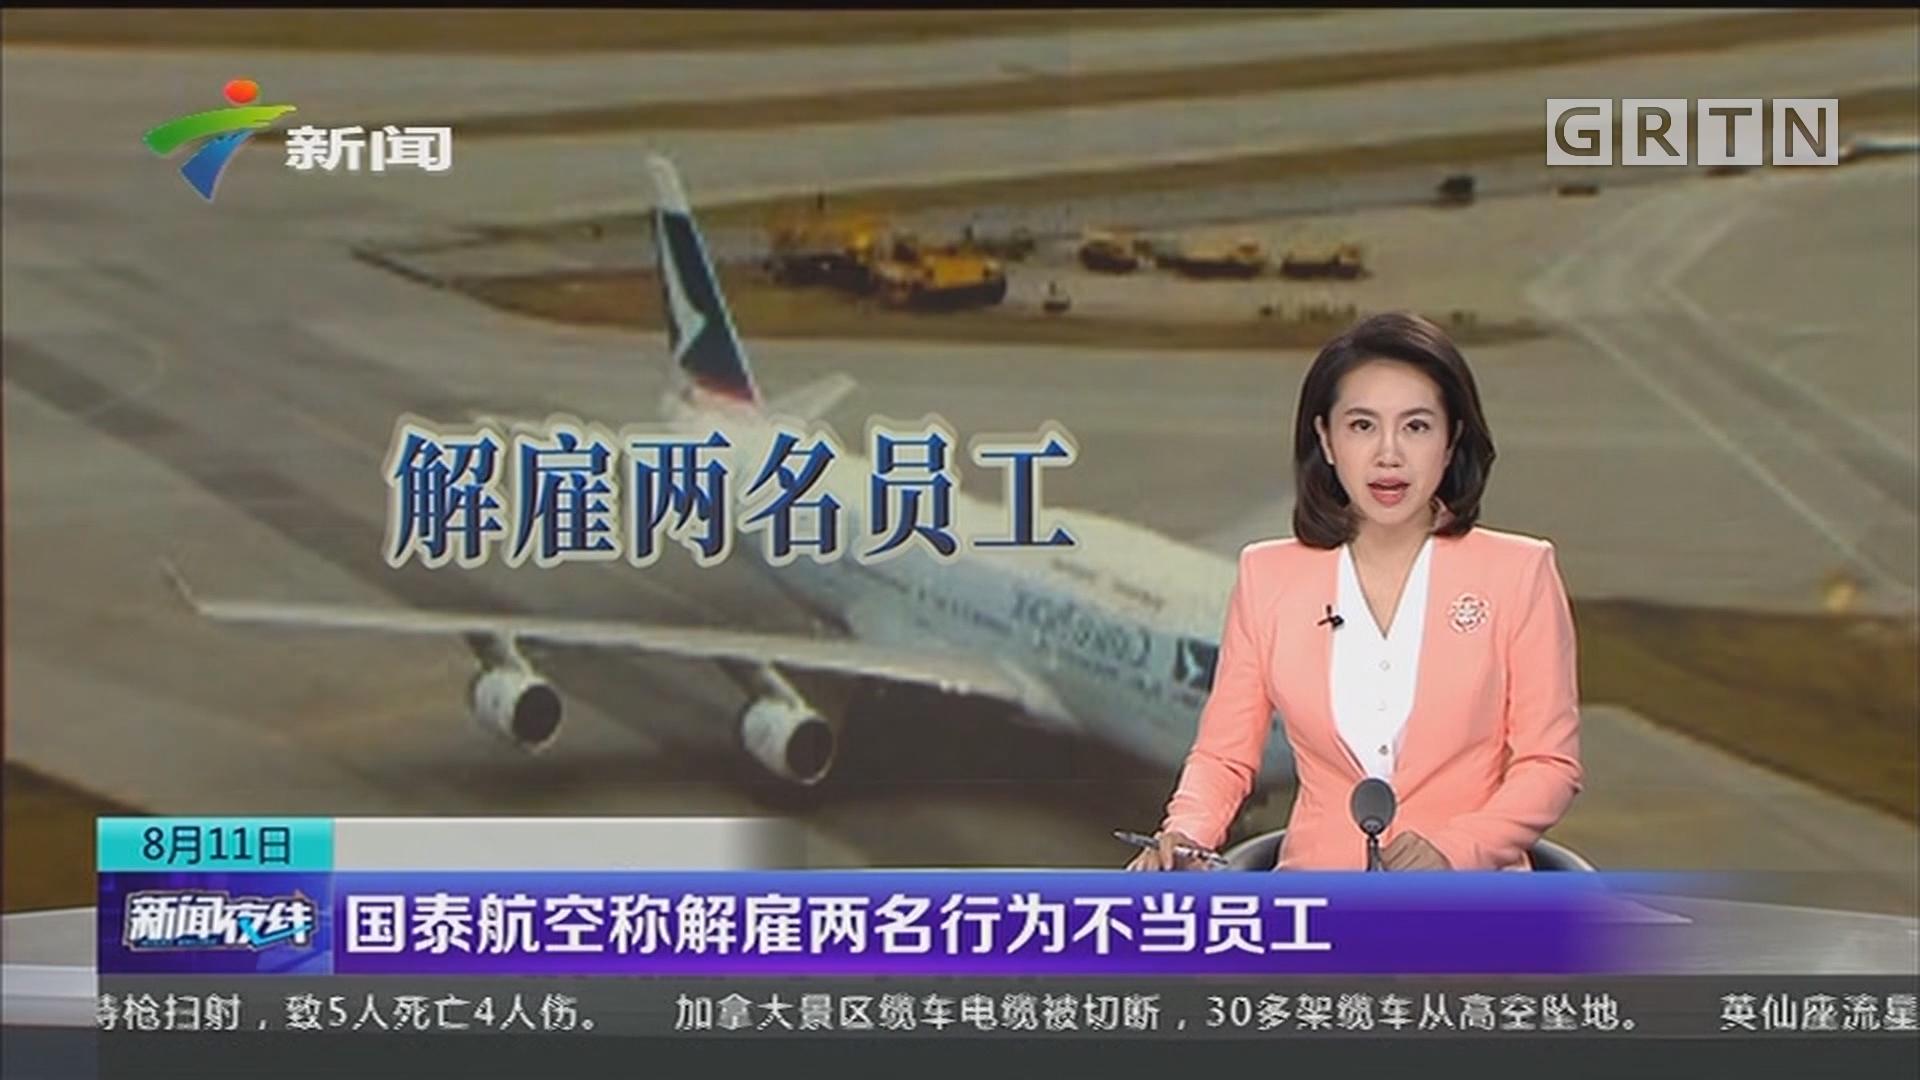 国泰航空称解雇两名行为不当员工